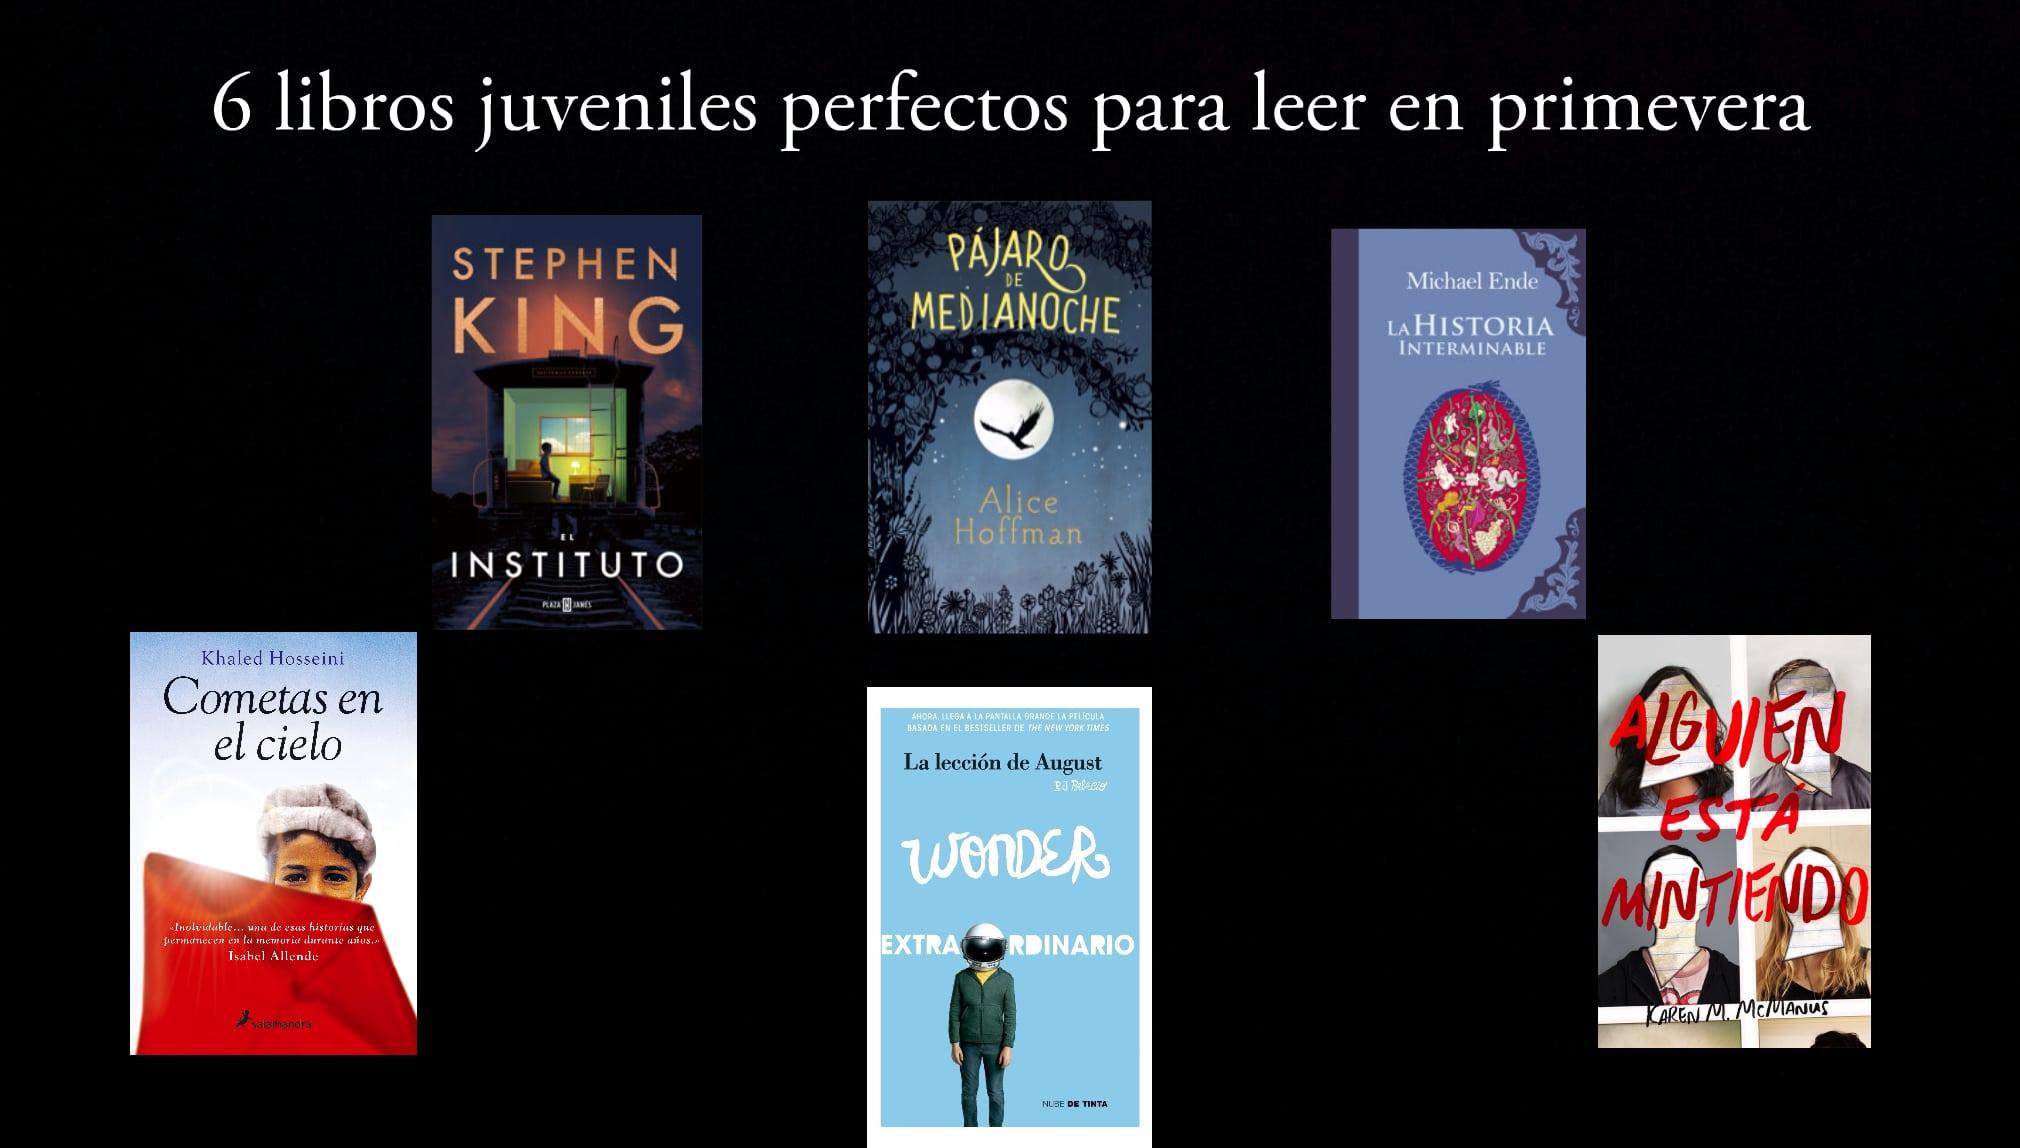 6 libros juveniles perfectos para leer en primavera.